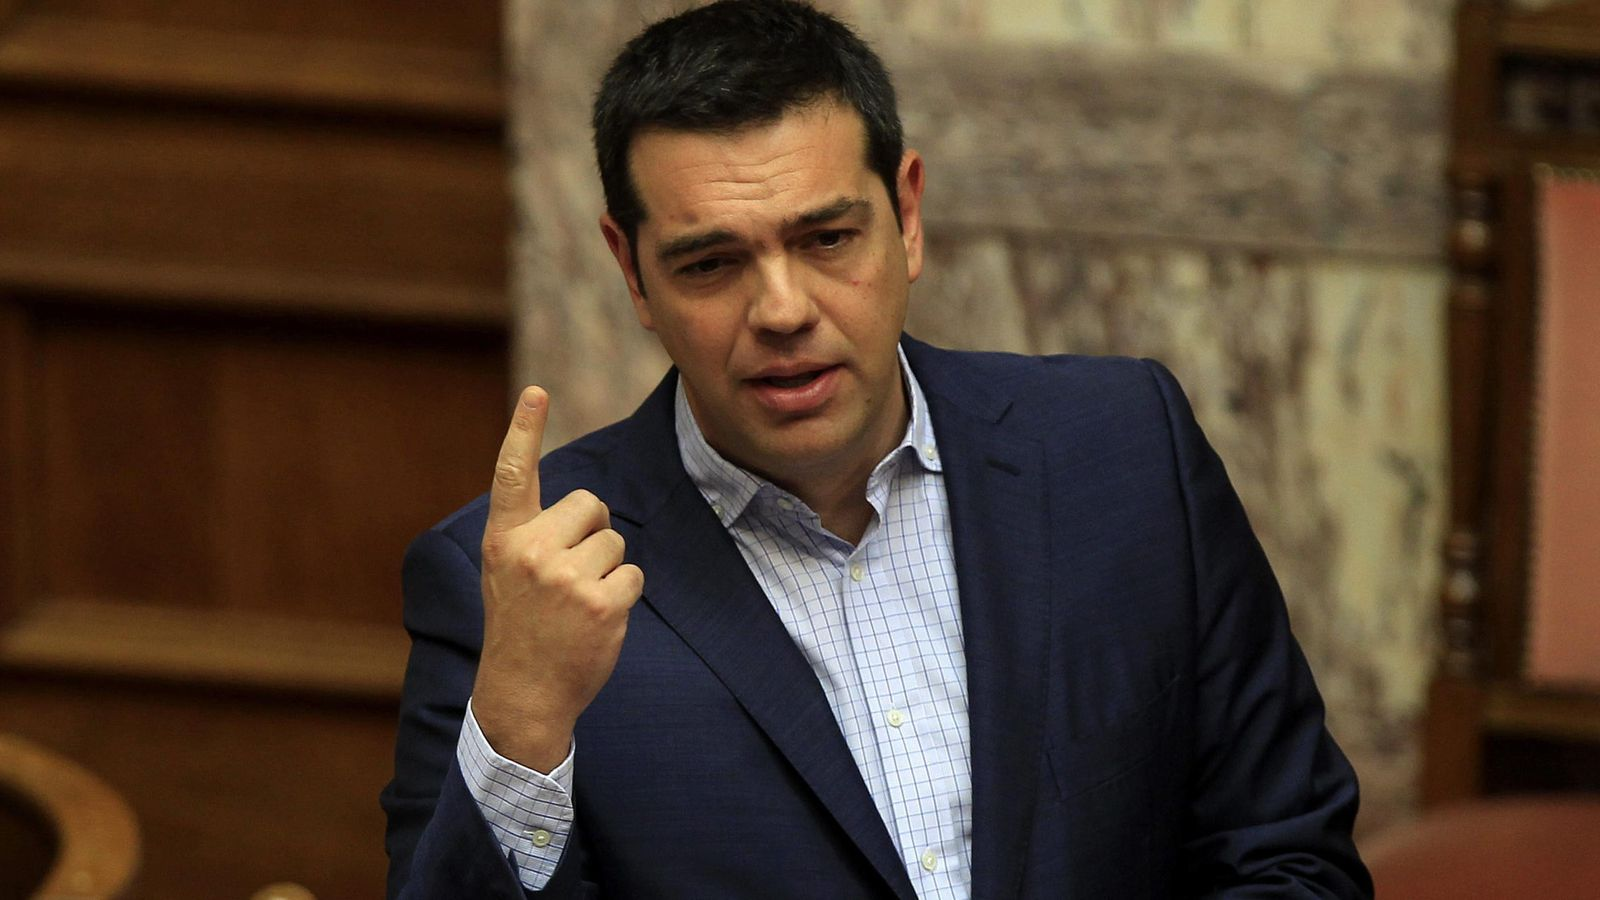 Foto: El primer ministro griego, Alexis Tsipras, interviene en el Parlamento griego. (Efe)